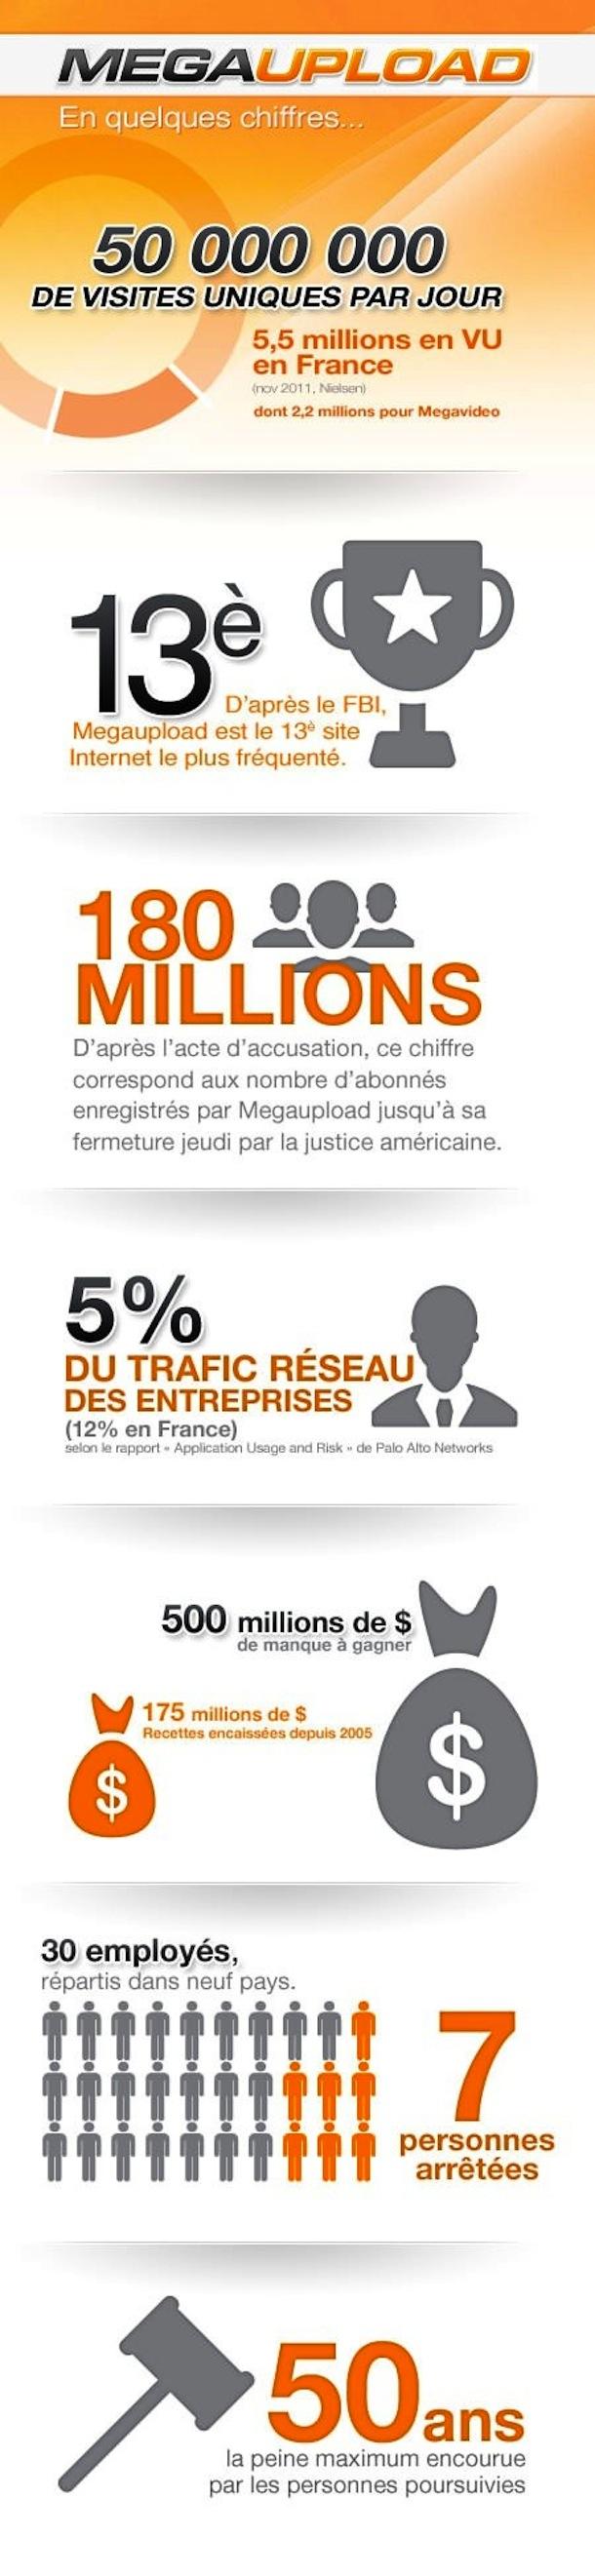 Statistiques Megaupload